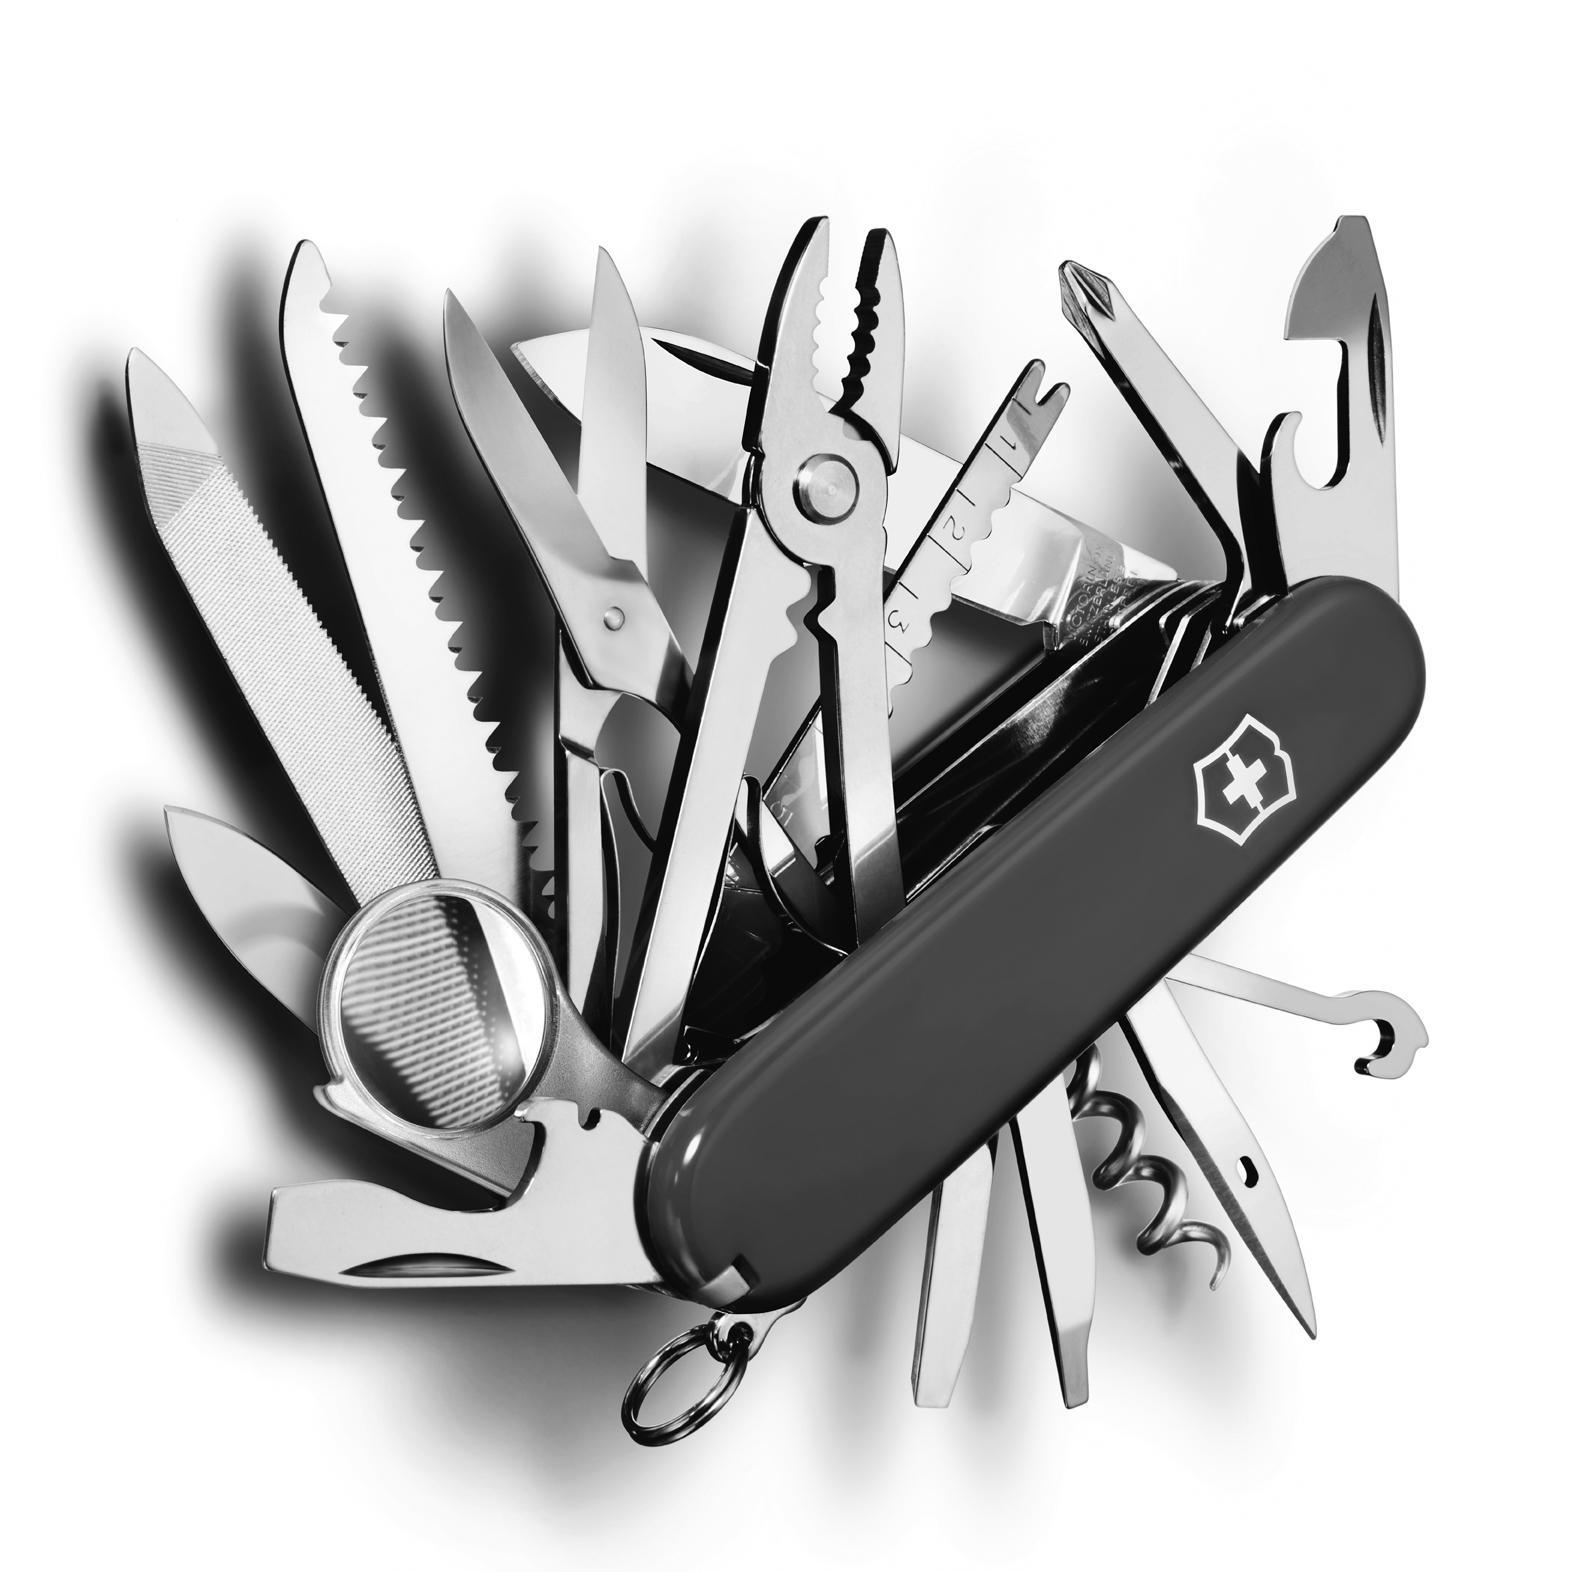 Нож Victorinox SwissChamp 1.6795.3 в Москве 89684452232 купить 1